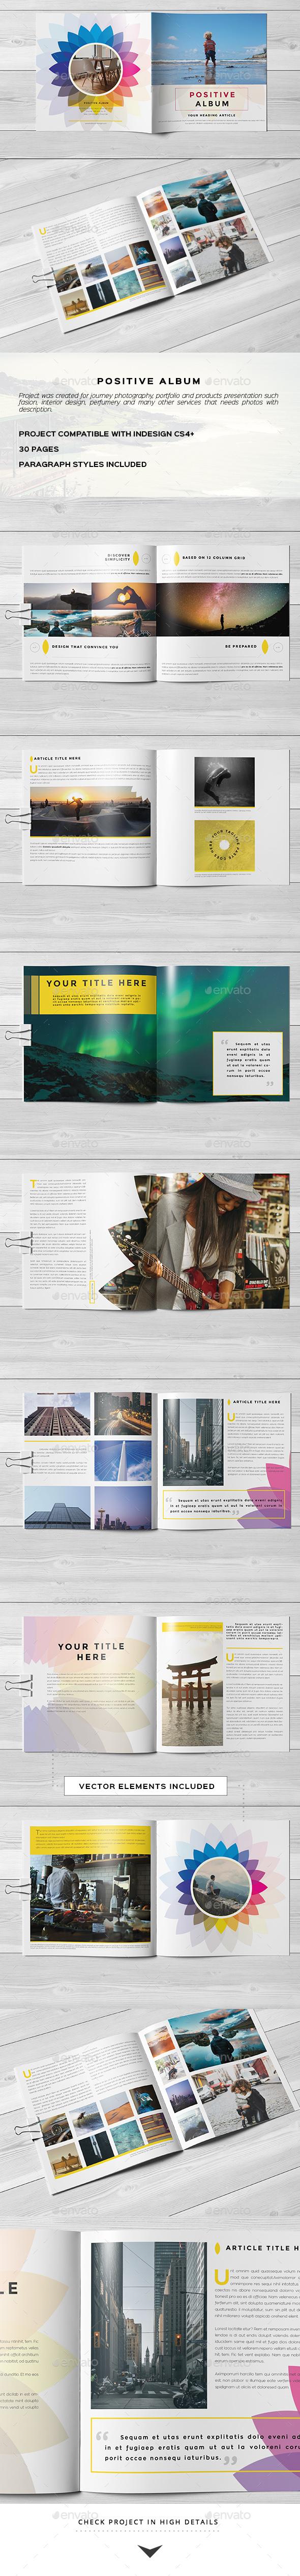 Color Positive Photo Album - Photo Albums Print Templates